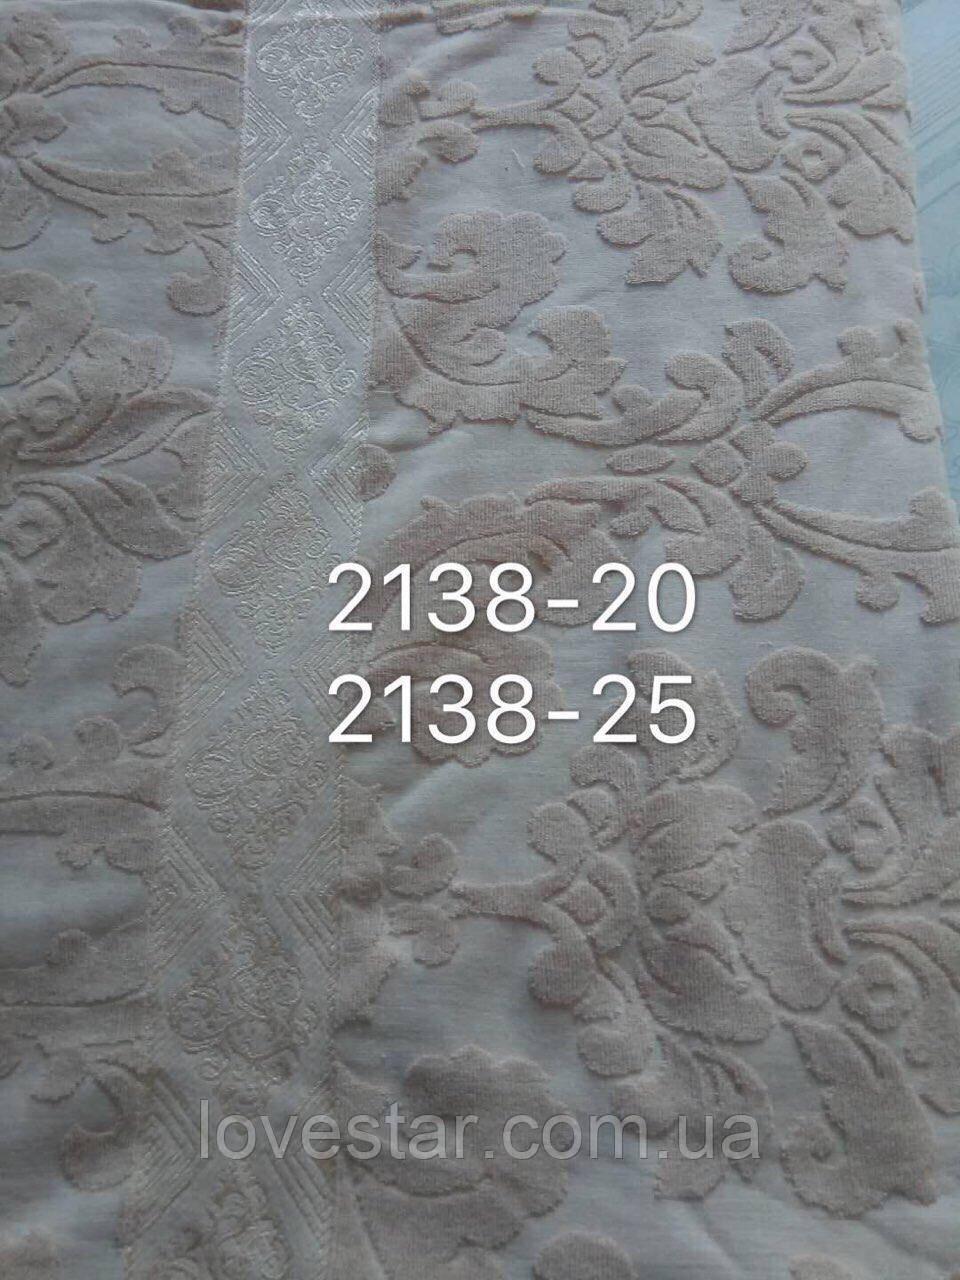 Простынь махровая двушка 180x200